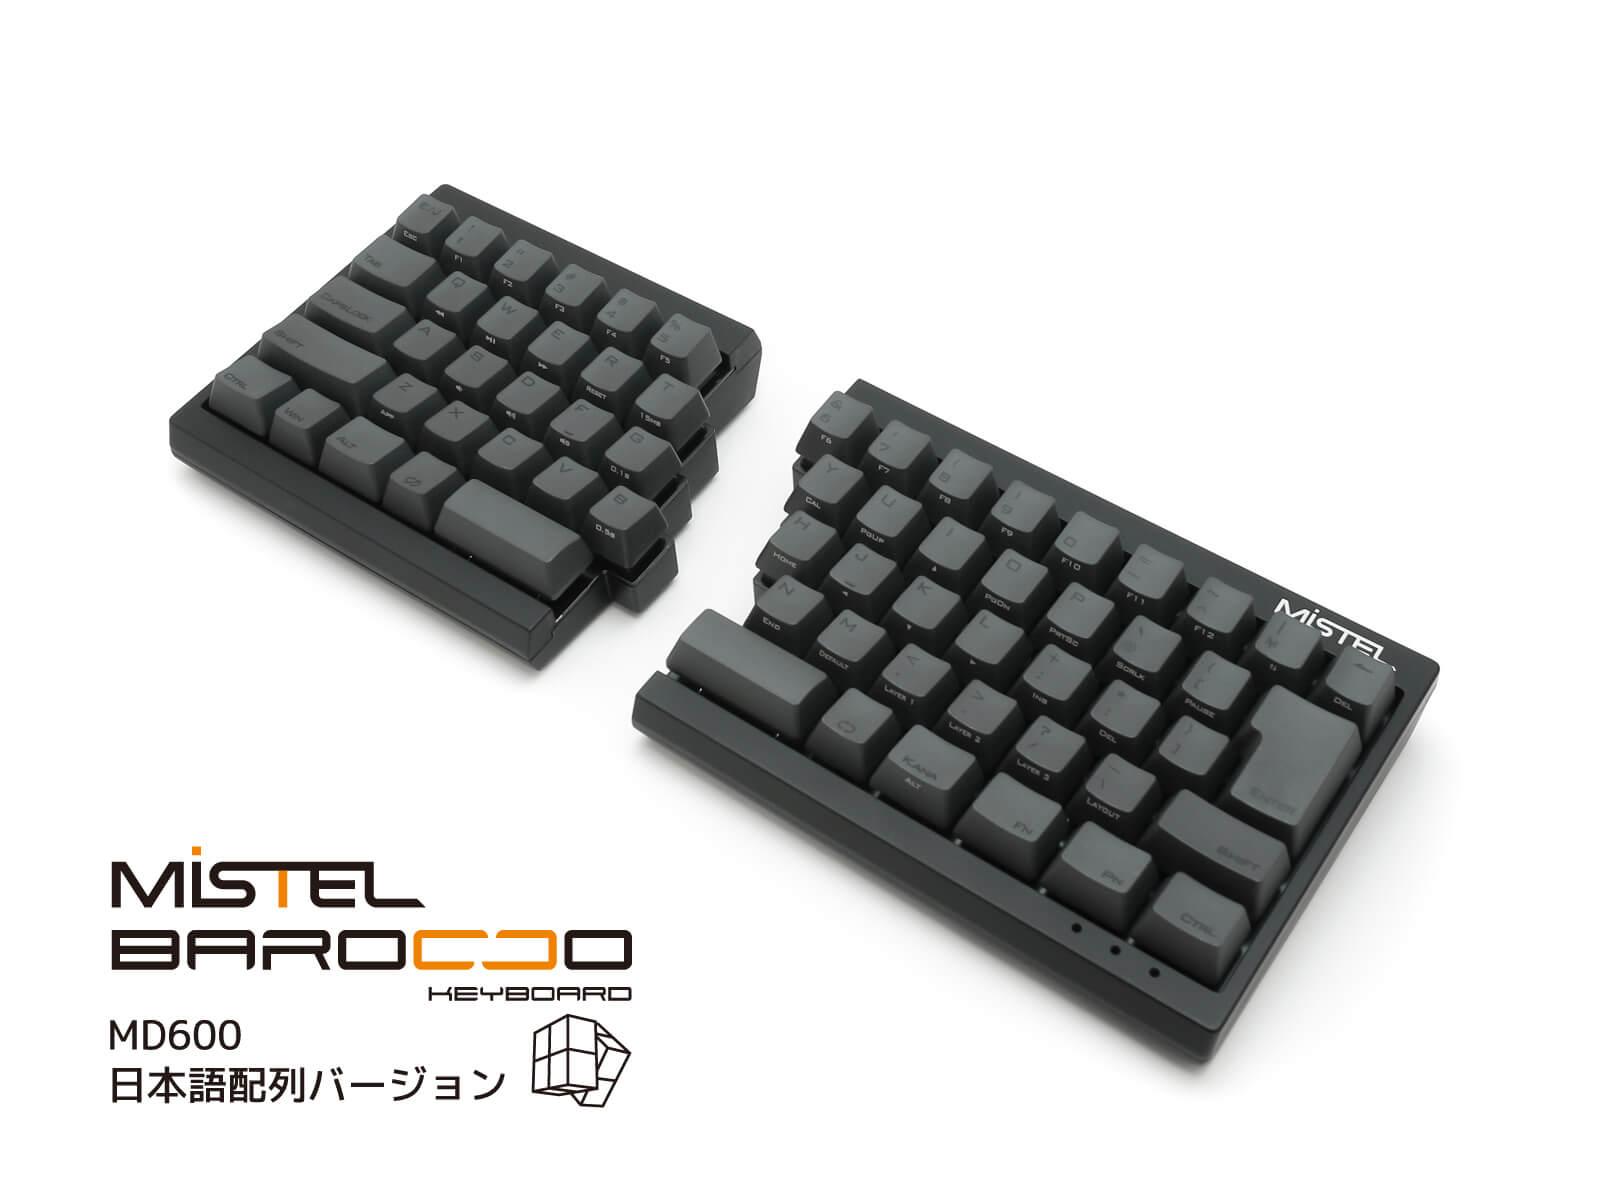 ちなみに…日本語配列の分離型キーボードは現在無い